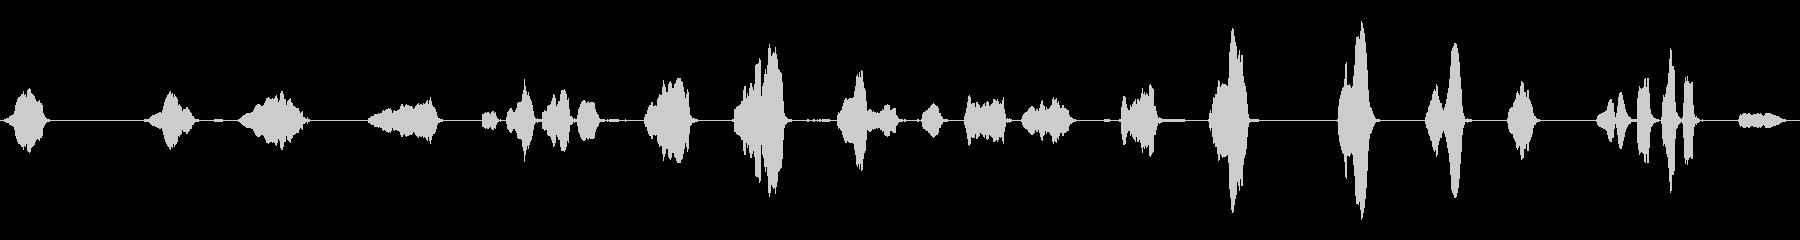 男性:クレイジー・マン・バブリング...の未再生の波形